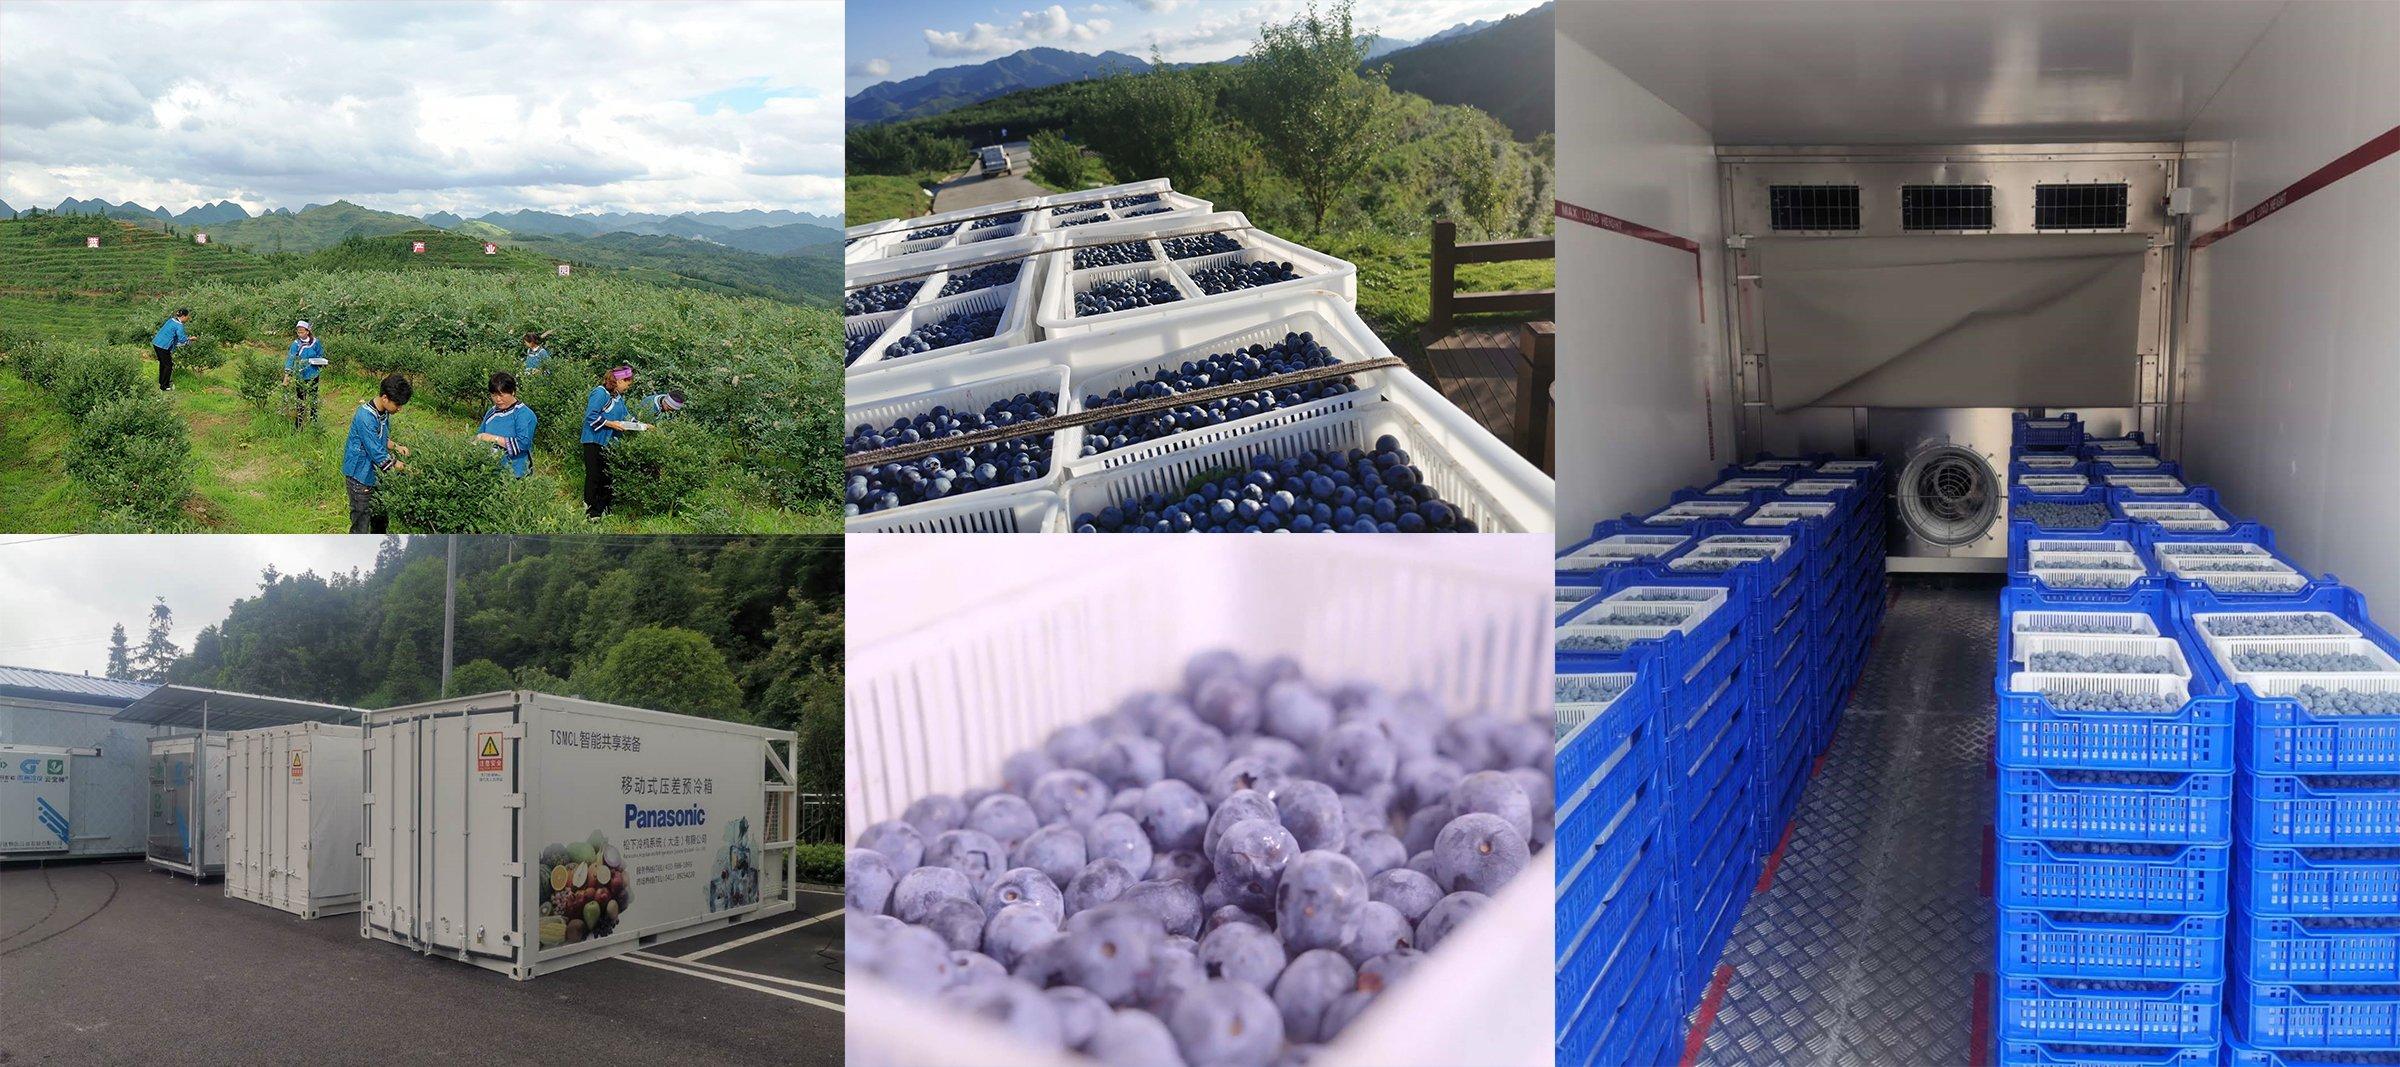 写真:収穫したブルーベリーを「産地予冷移動式コンテナ」で予冷し、鮮度を保ったまま消費地へと輸送。